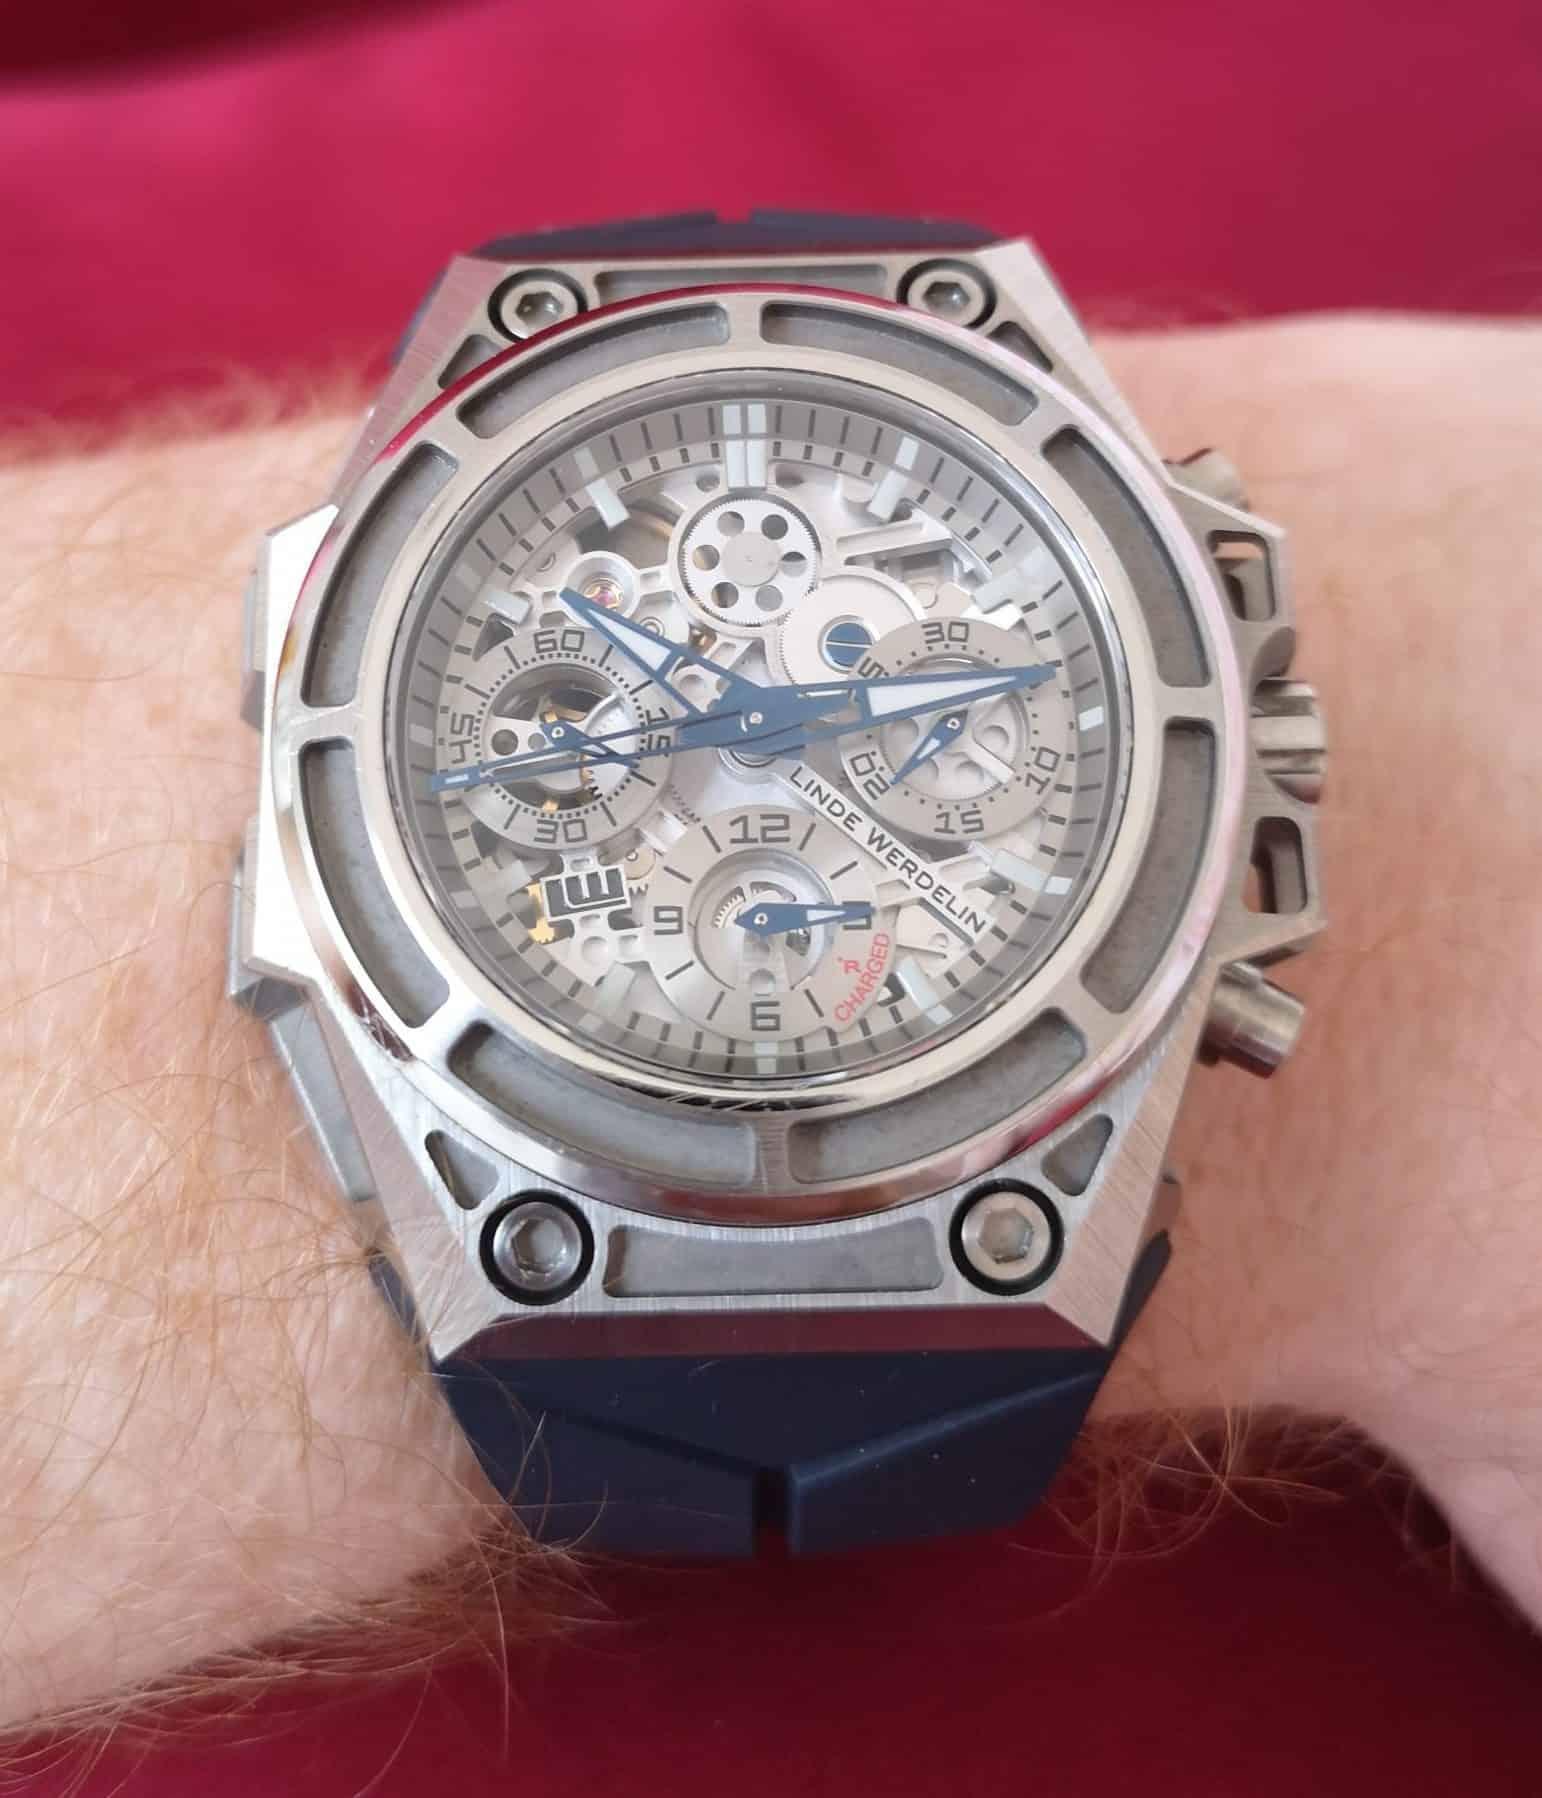 Linde Werdelin SpidoSpeed Titanium 3D on the Wrist